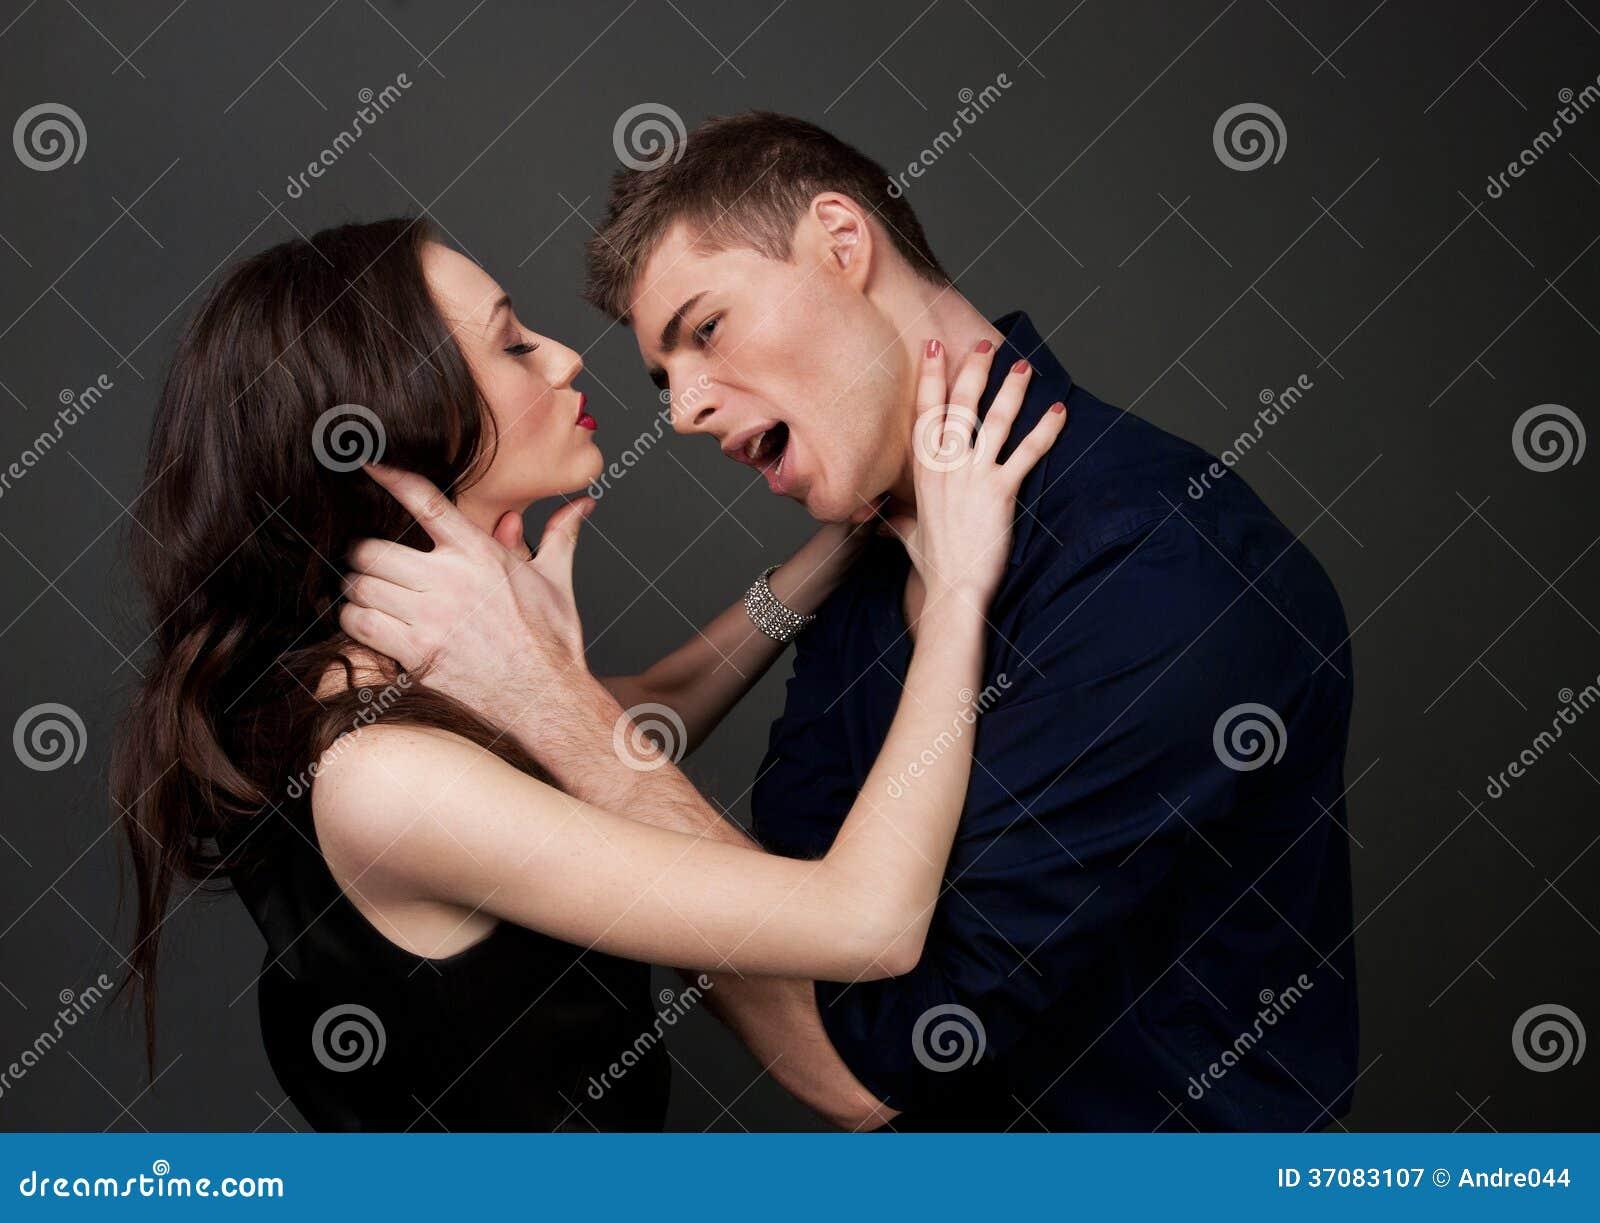 Mens erotic stories